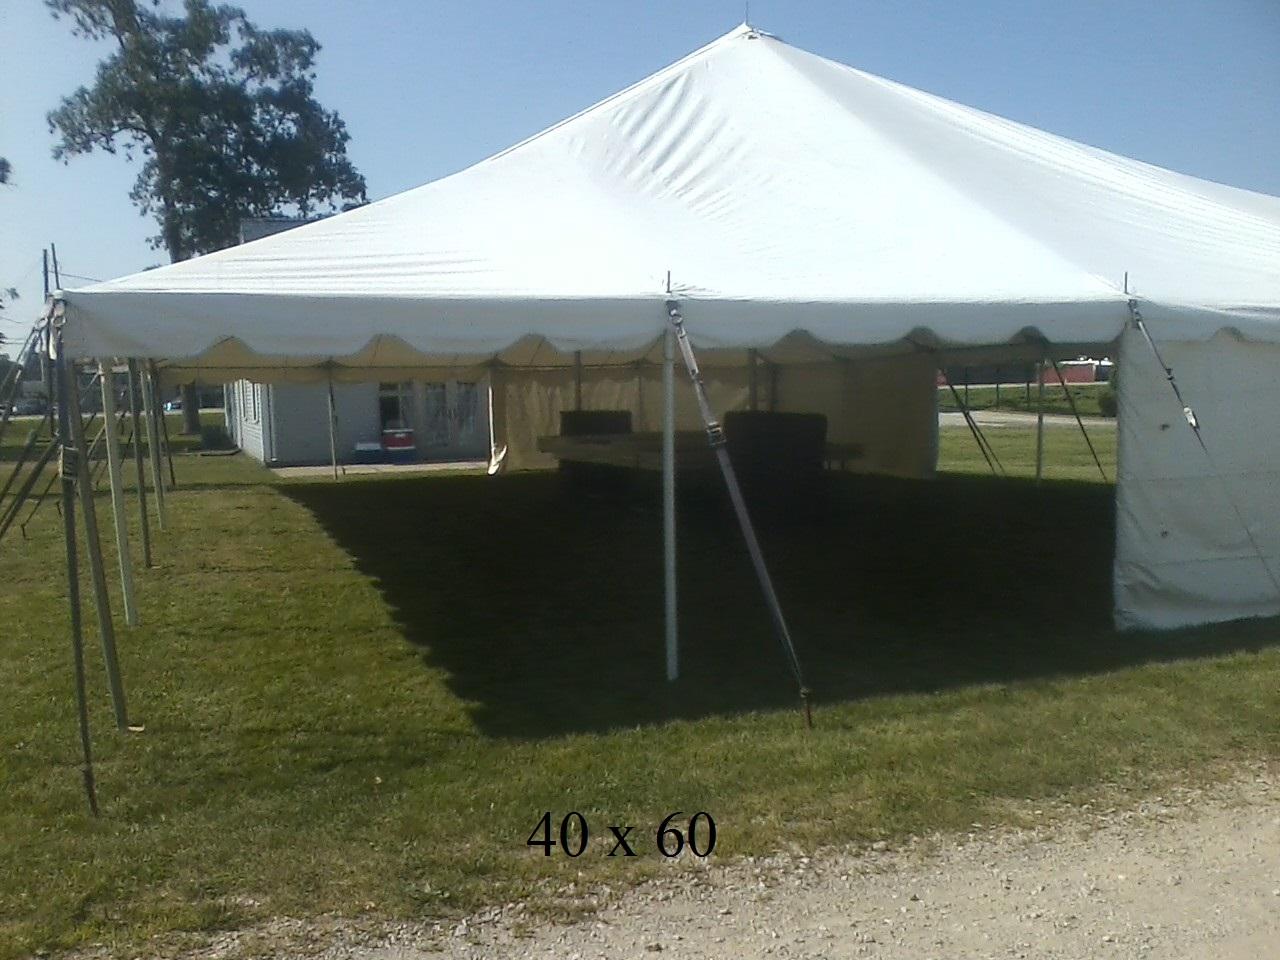 New Paris Tent Rentals & 40×60 event tents available elkhart kosciusko county ind | New Paris ...